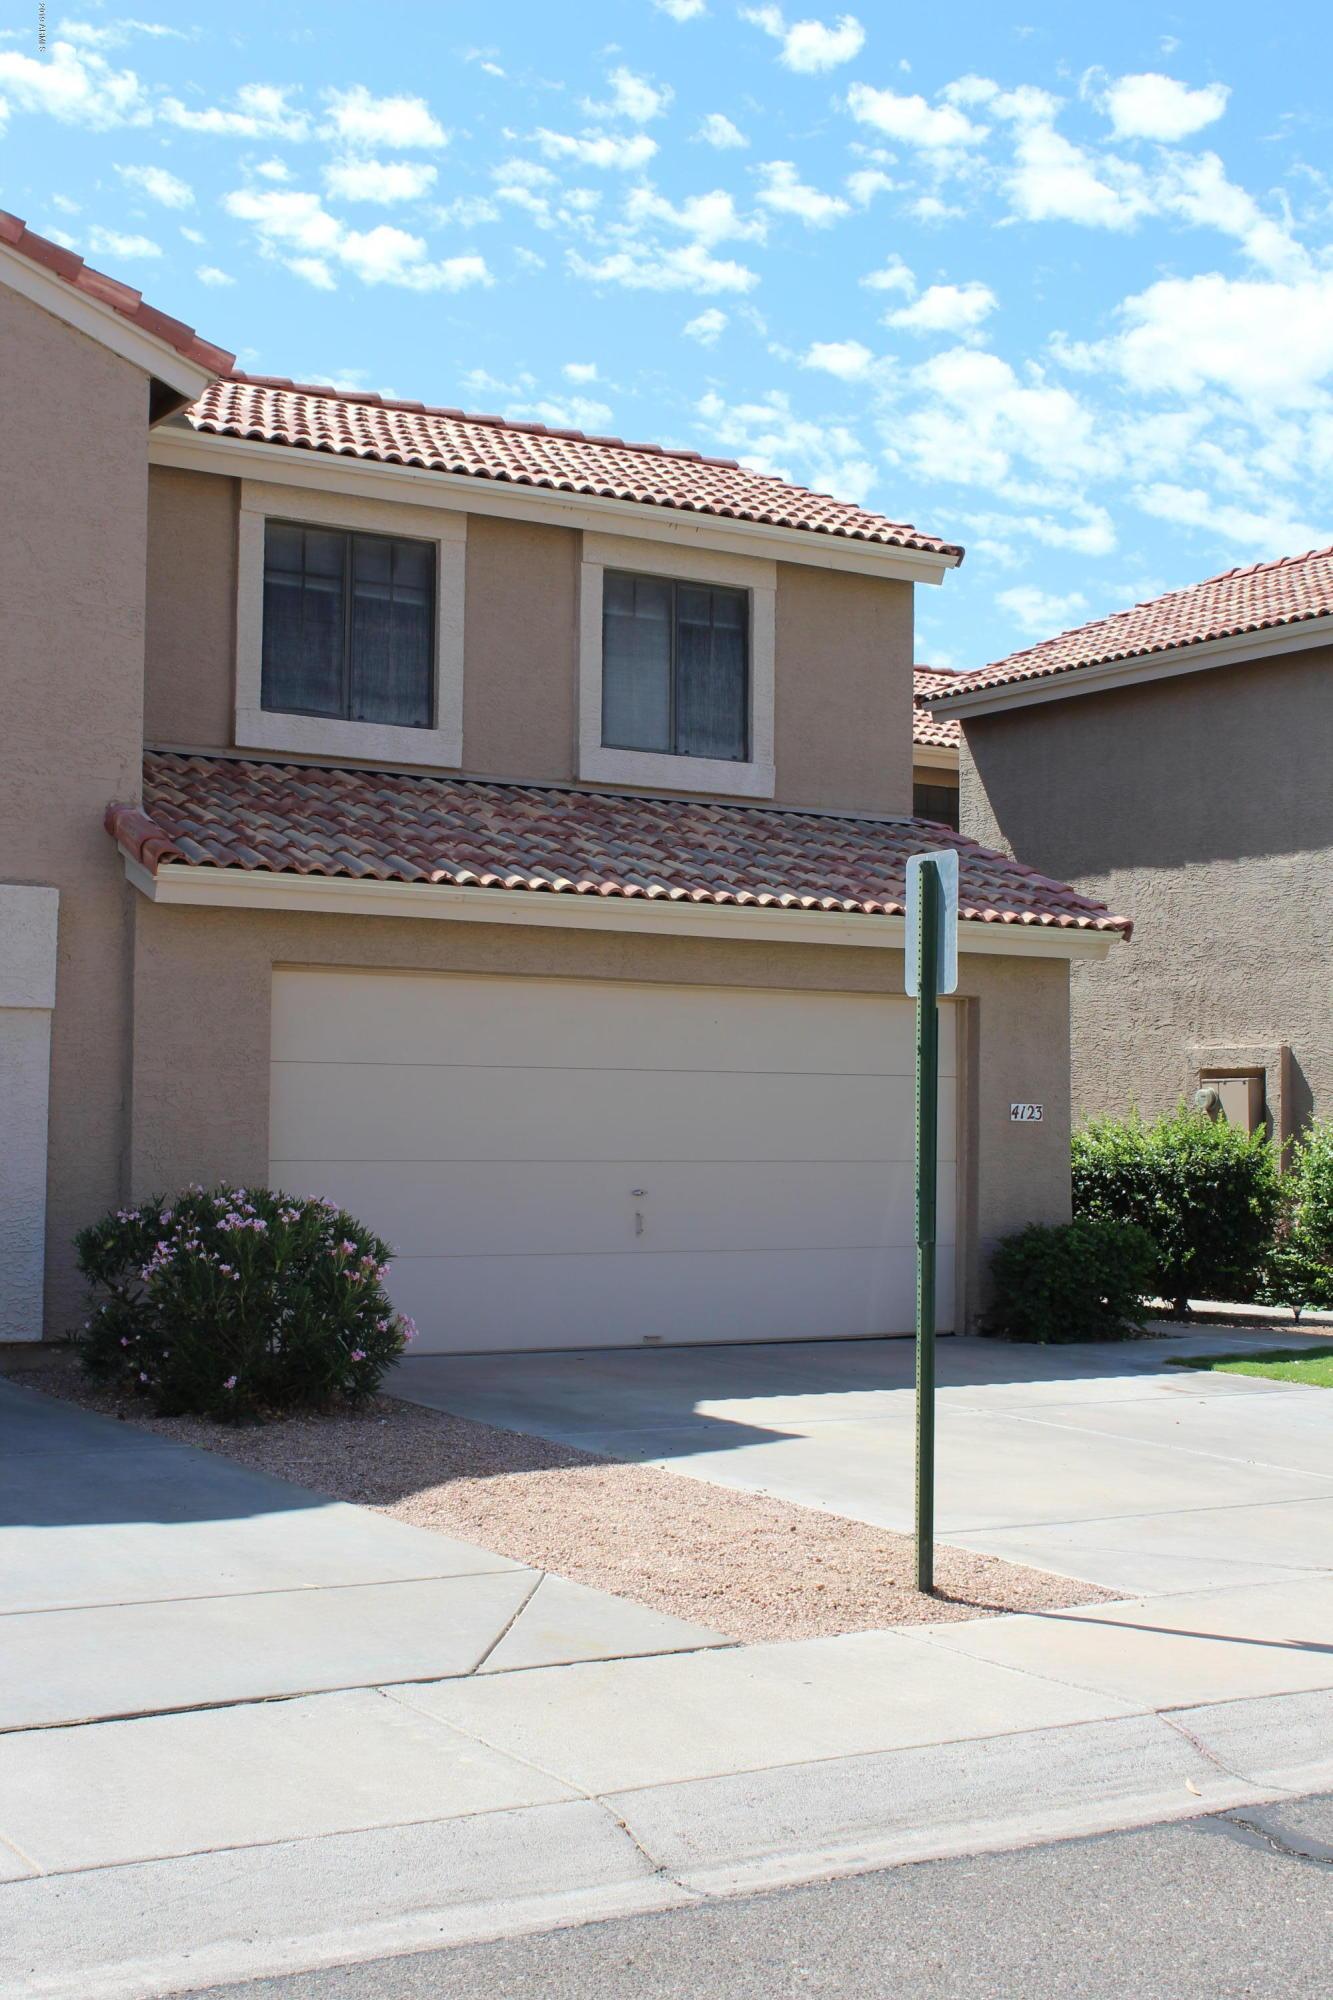 Photo of 4123 E CASSIA Way, Phoenix, AZ 85044